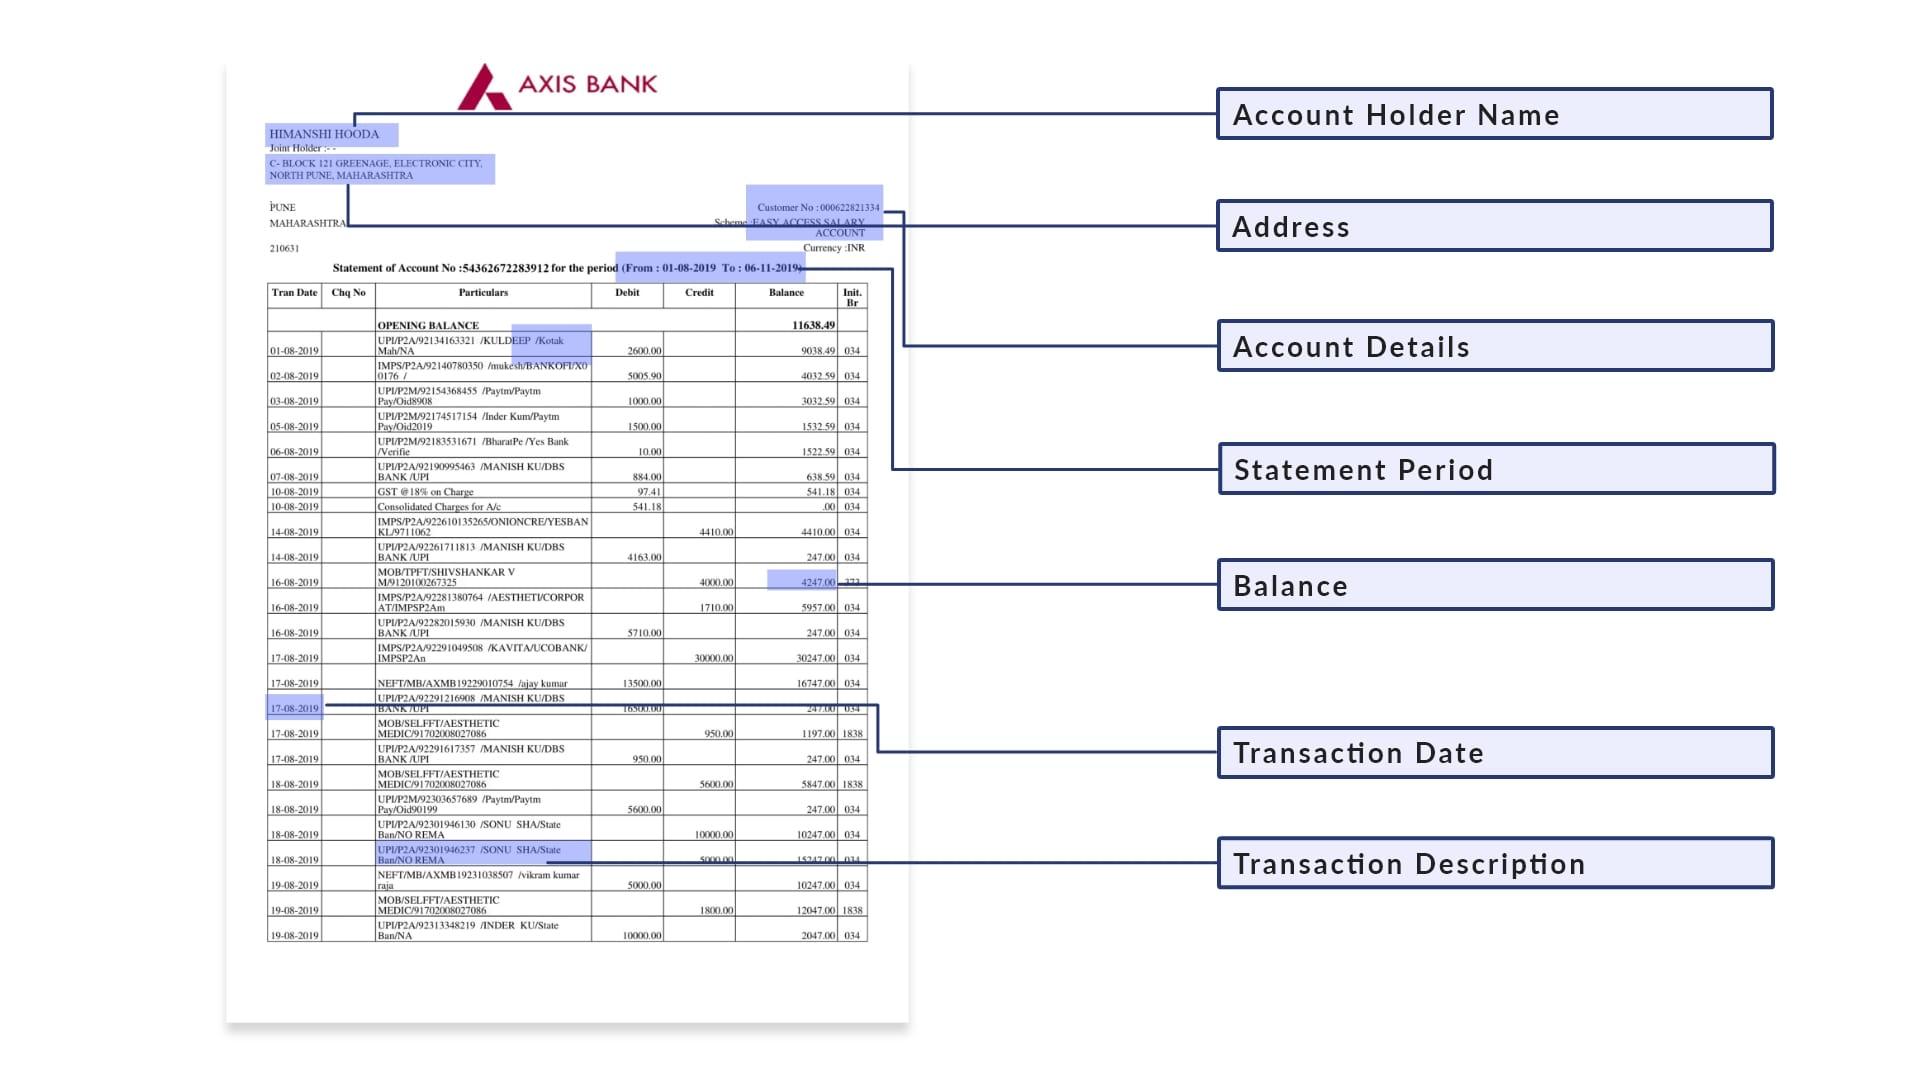 bank statement data fields